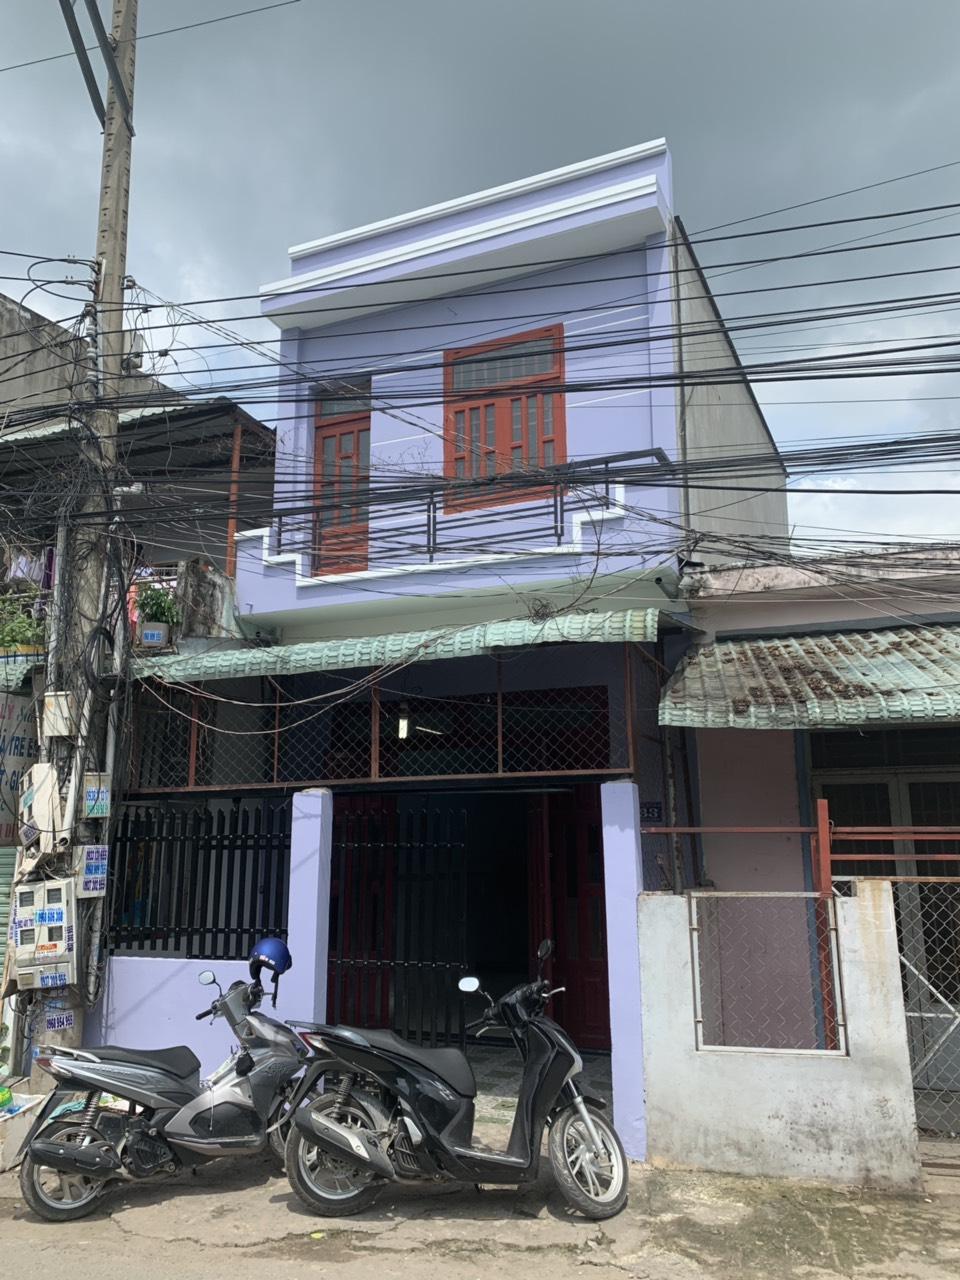 Bán nhà Dĩ An 1 lầu 1 trệt mặt tiền đường nhựa thông phường Tân Đông Hiệp Dĩ An sổ hồng riêng